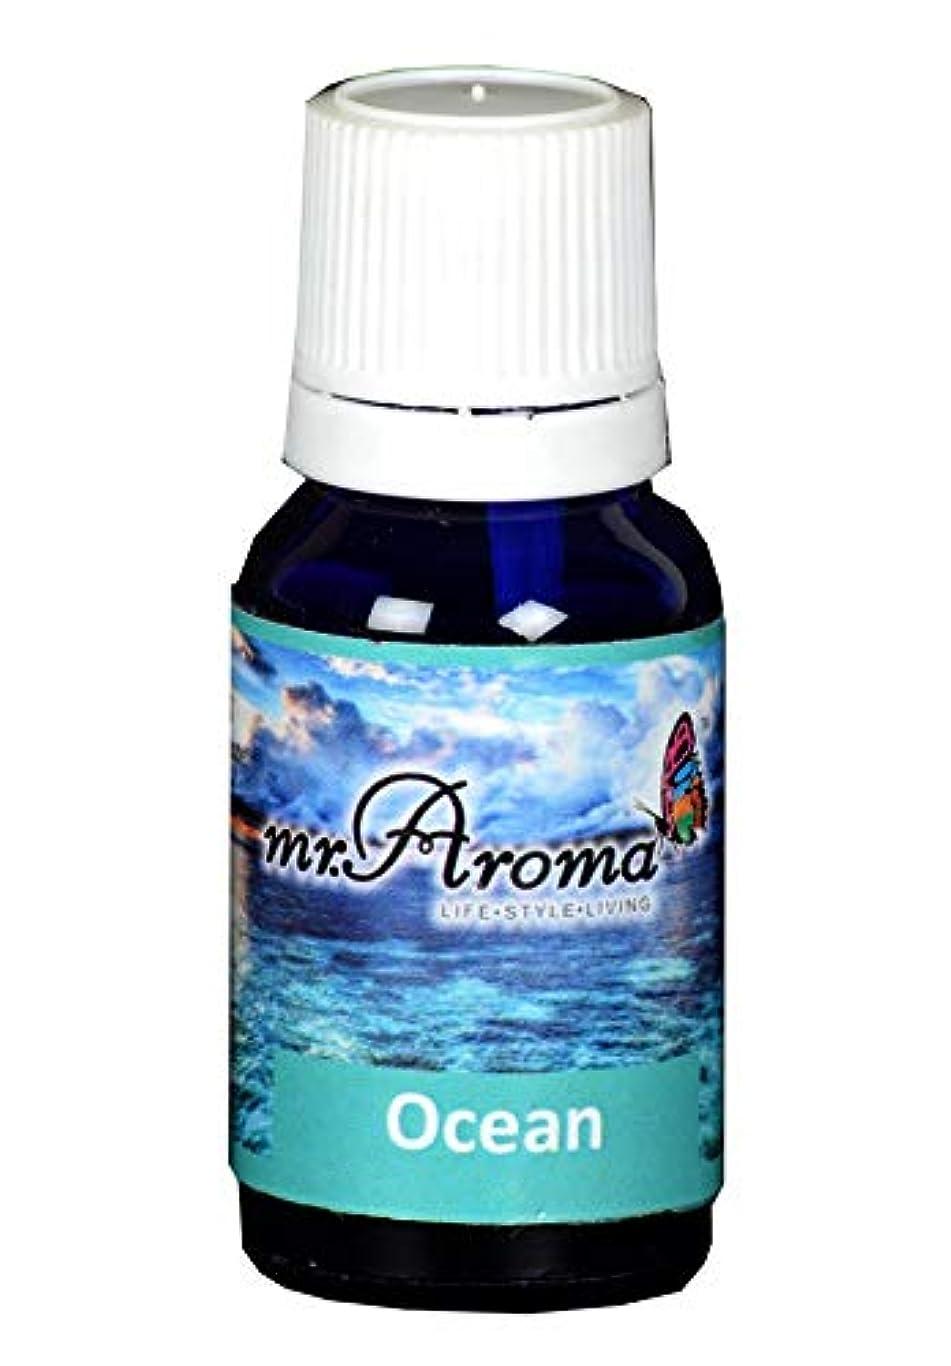 モート弁護人め言葉Mr. Aroma Ocean Vaporizer/Essential Oil 15ml